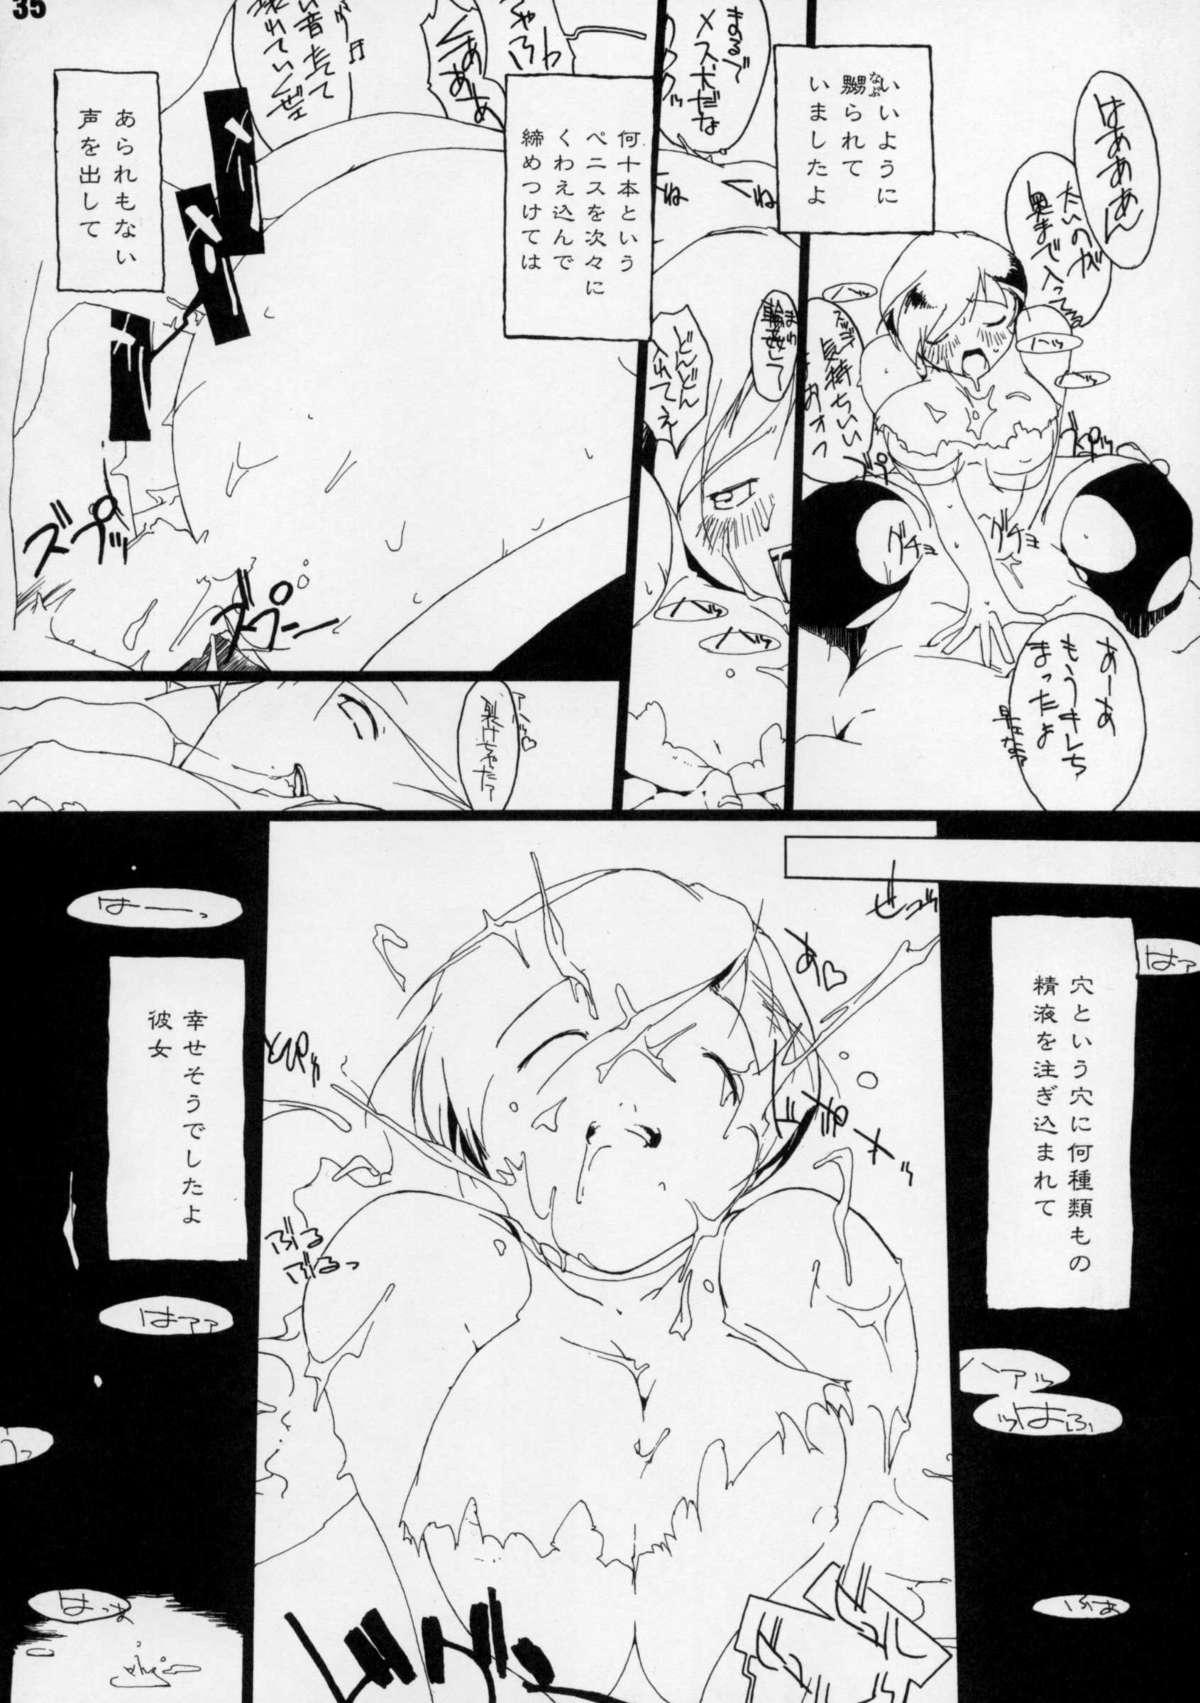 Tanpatsu Yuugi 35